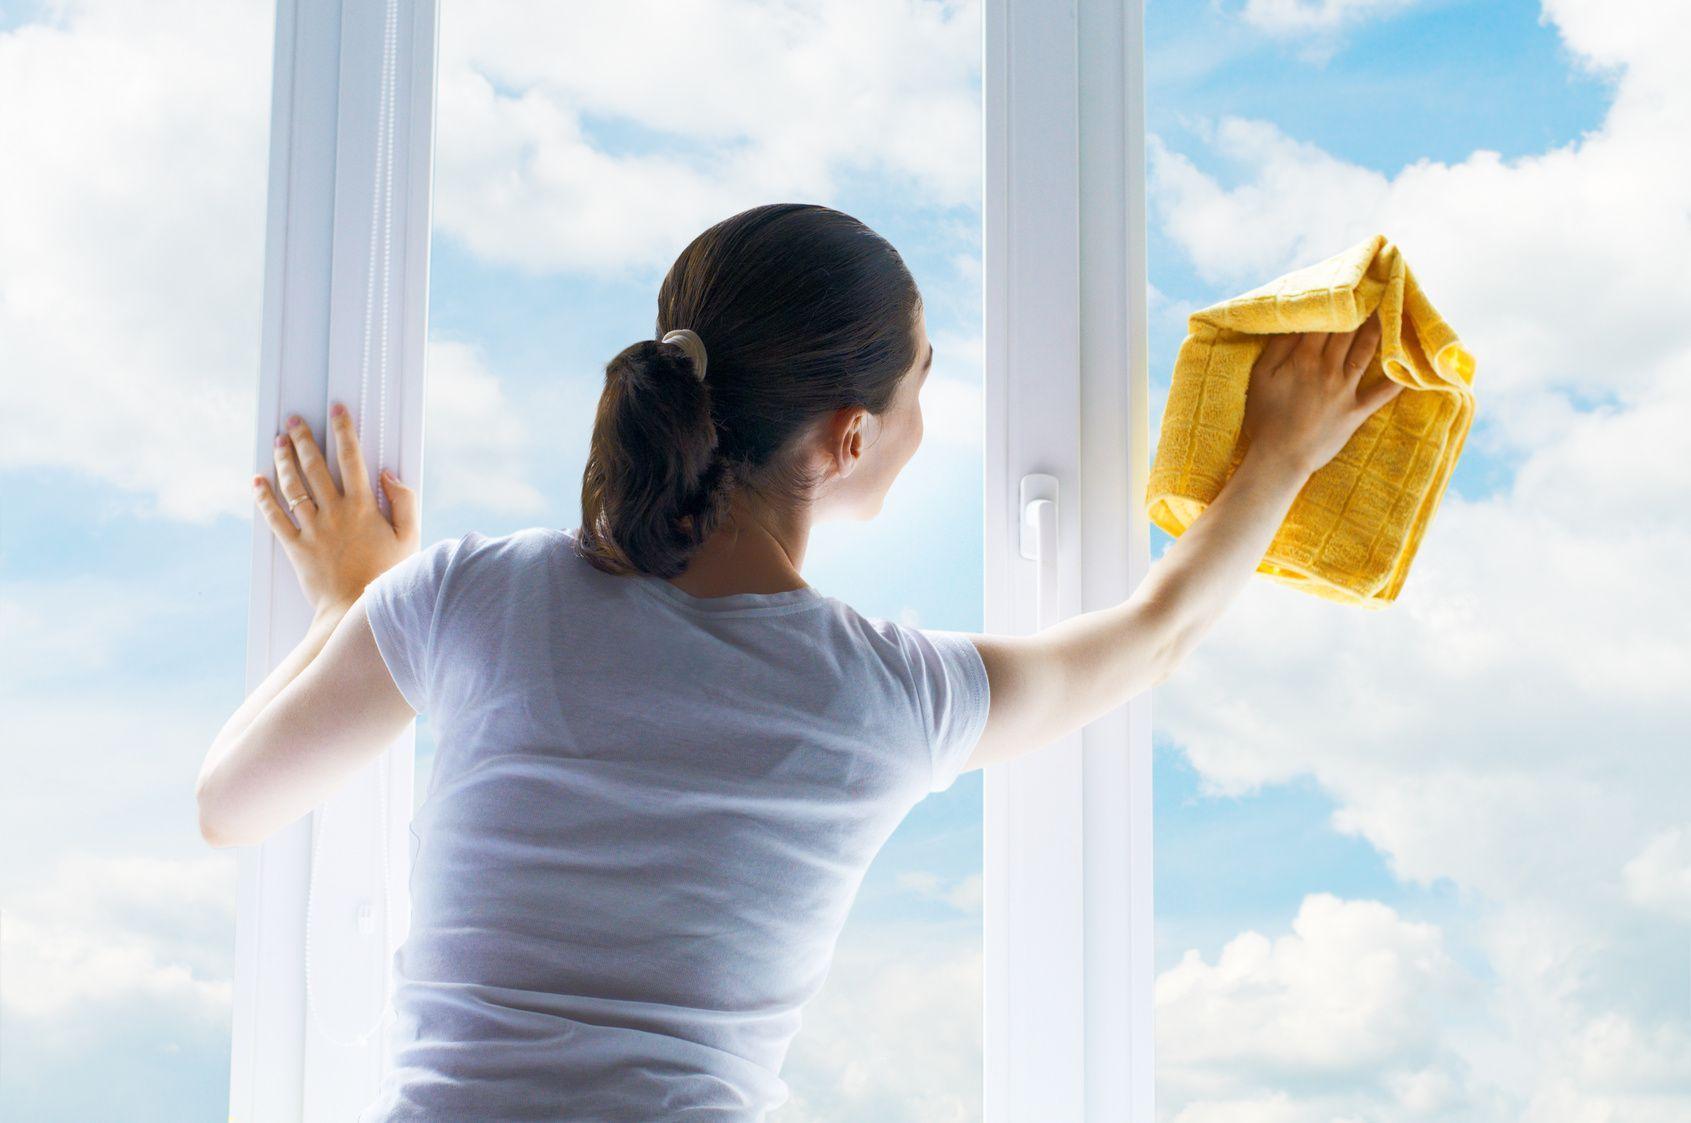 Le pulizie di casa sono iniziate: procedete stanza per stanza, zona per zona, superficie per superficie.